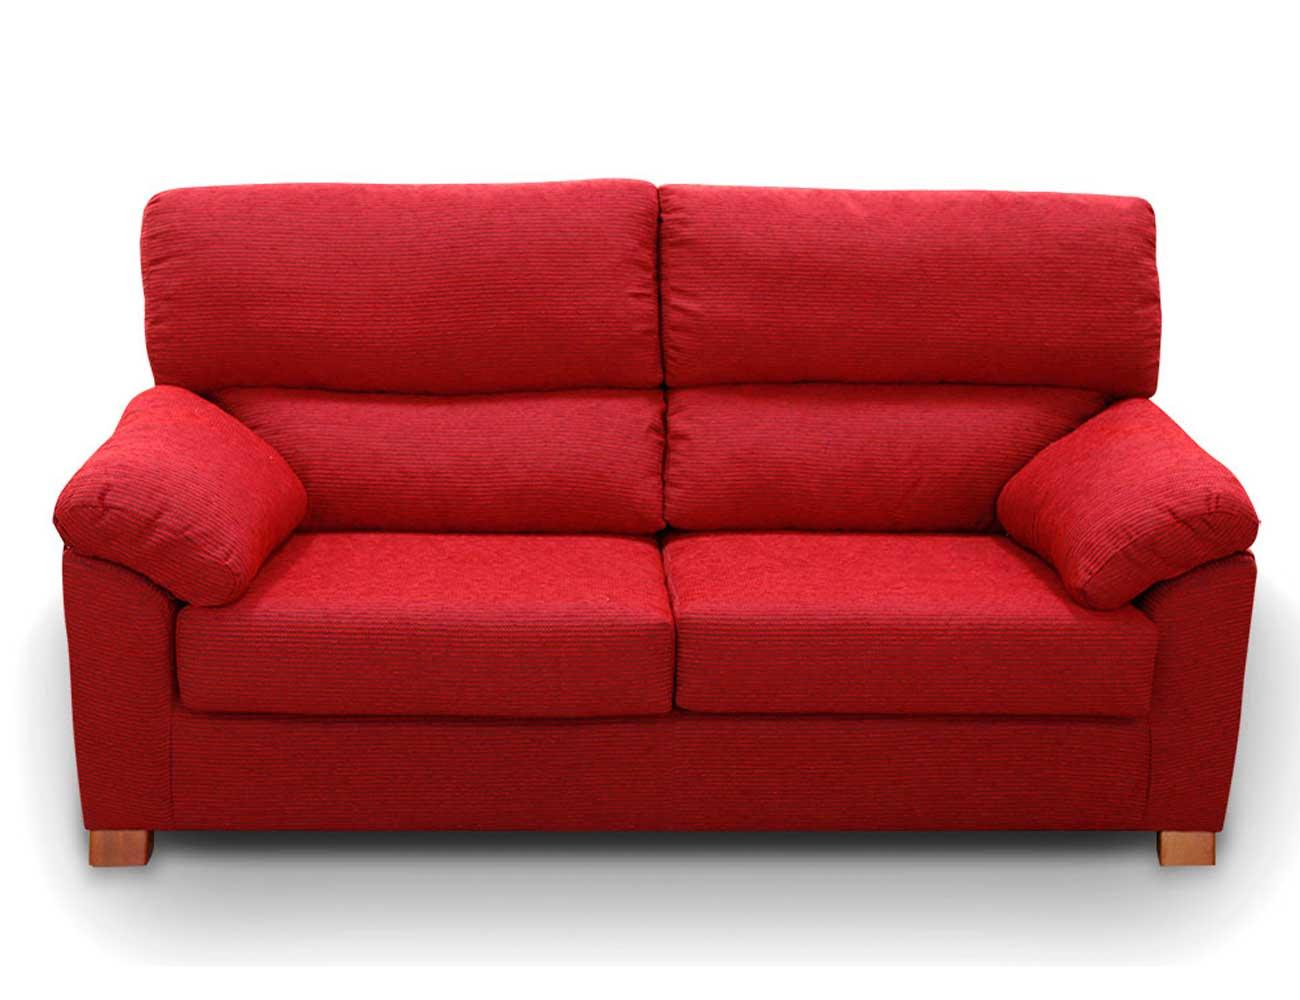 Sofa barato 3 plazas rojo4